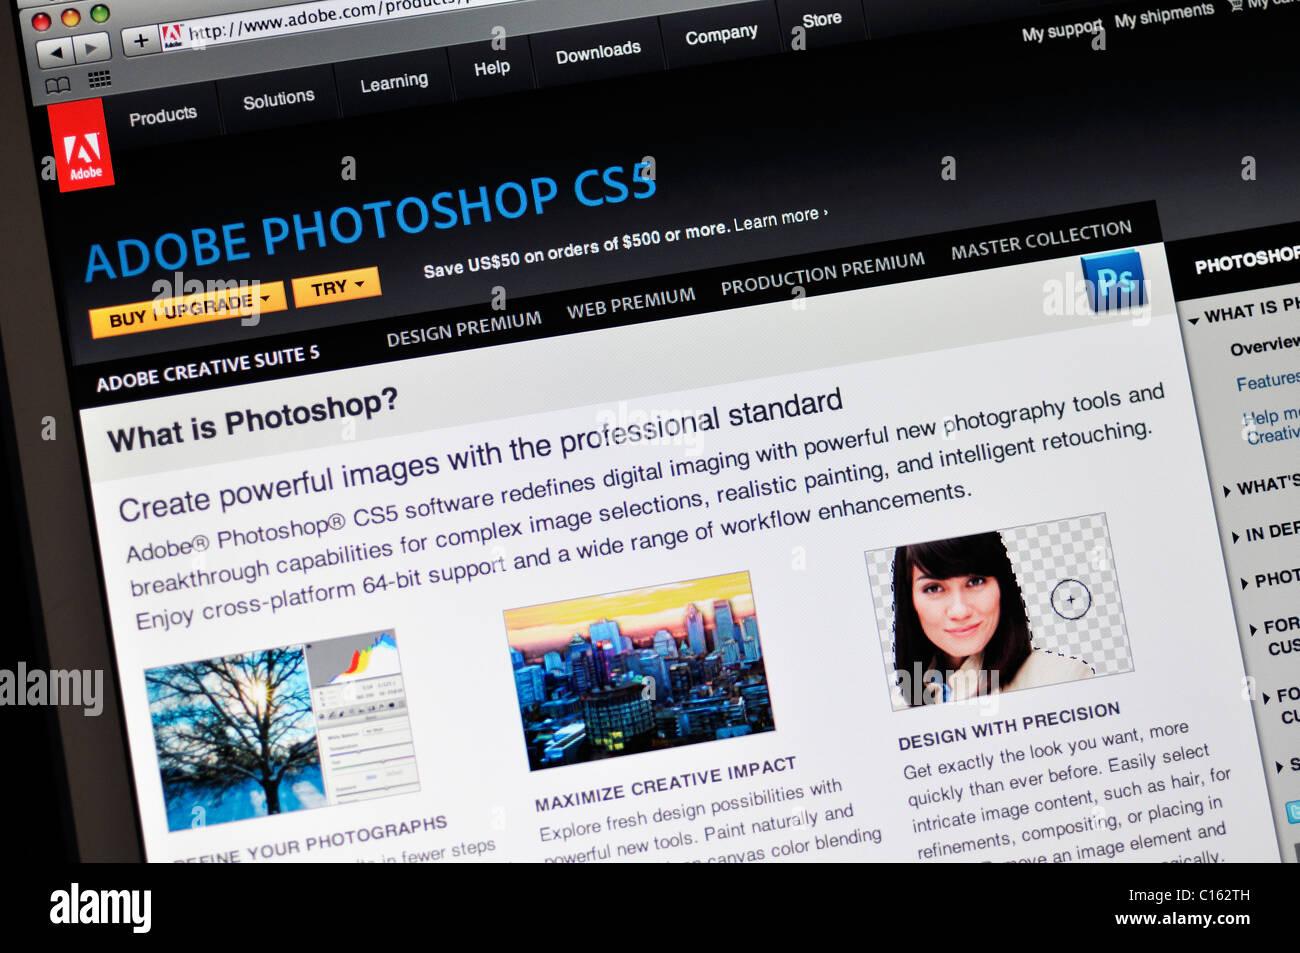 Adobe Photoshop CS5 website - Stock Image